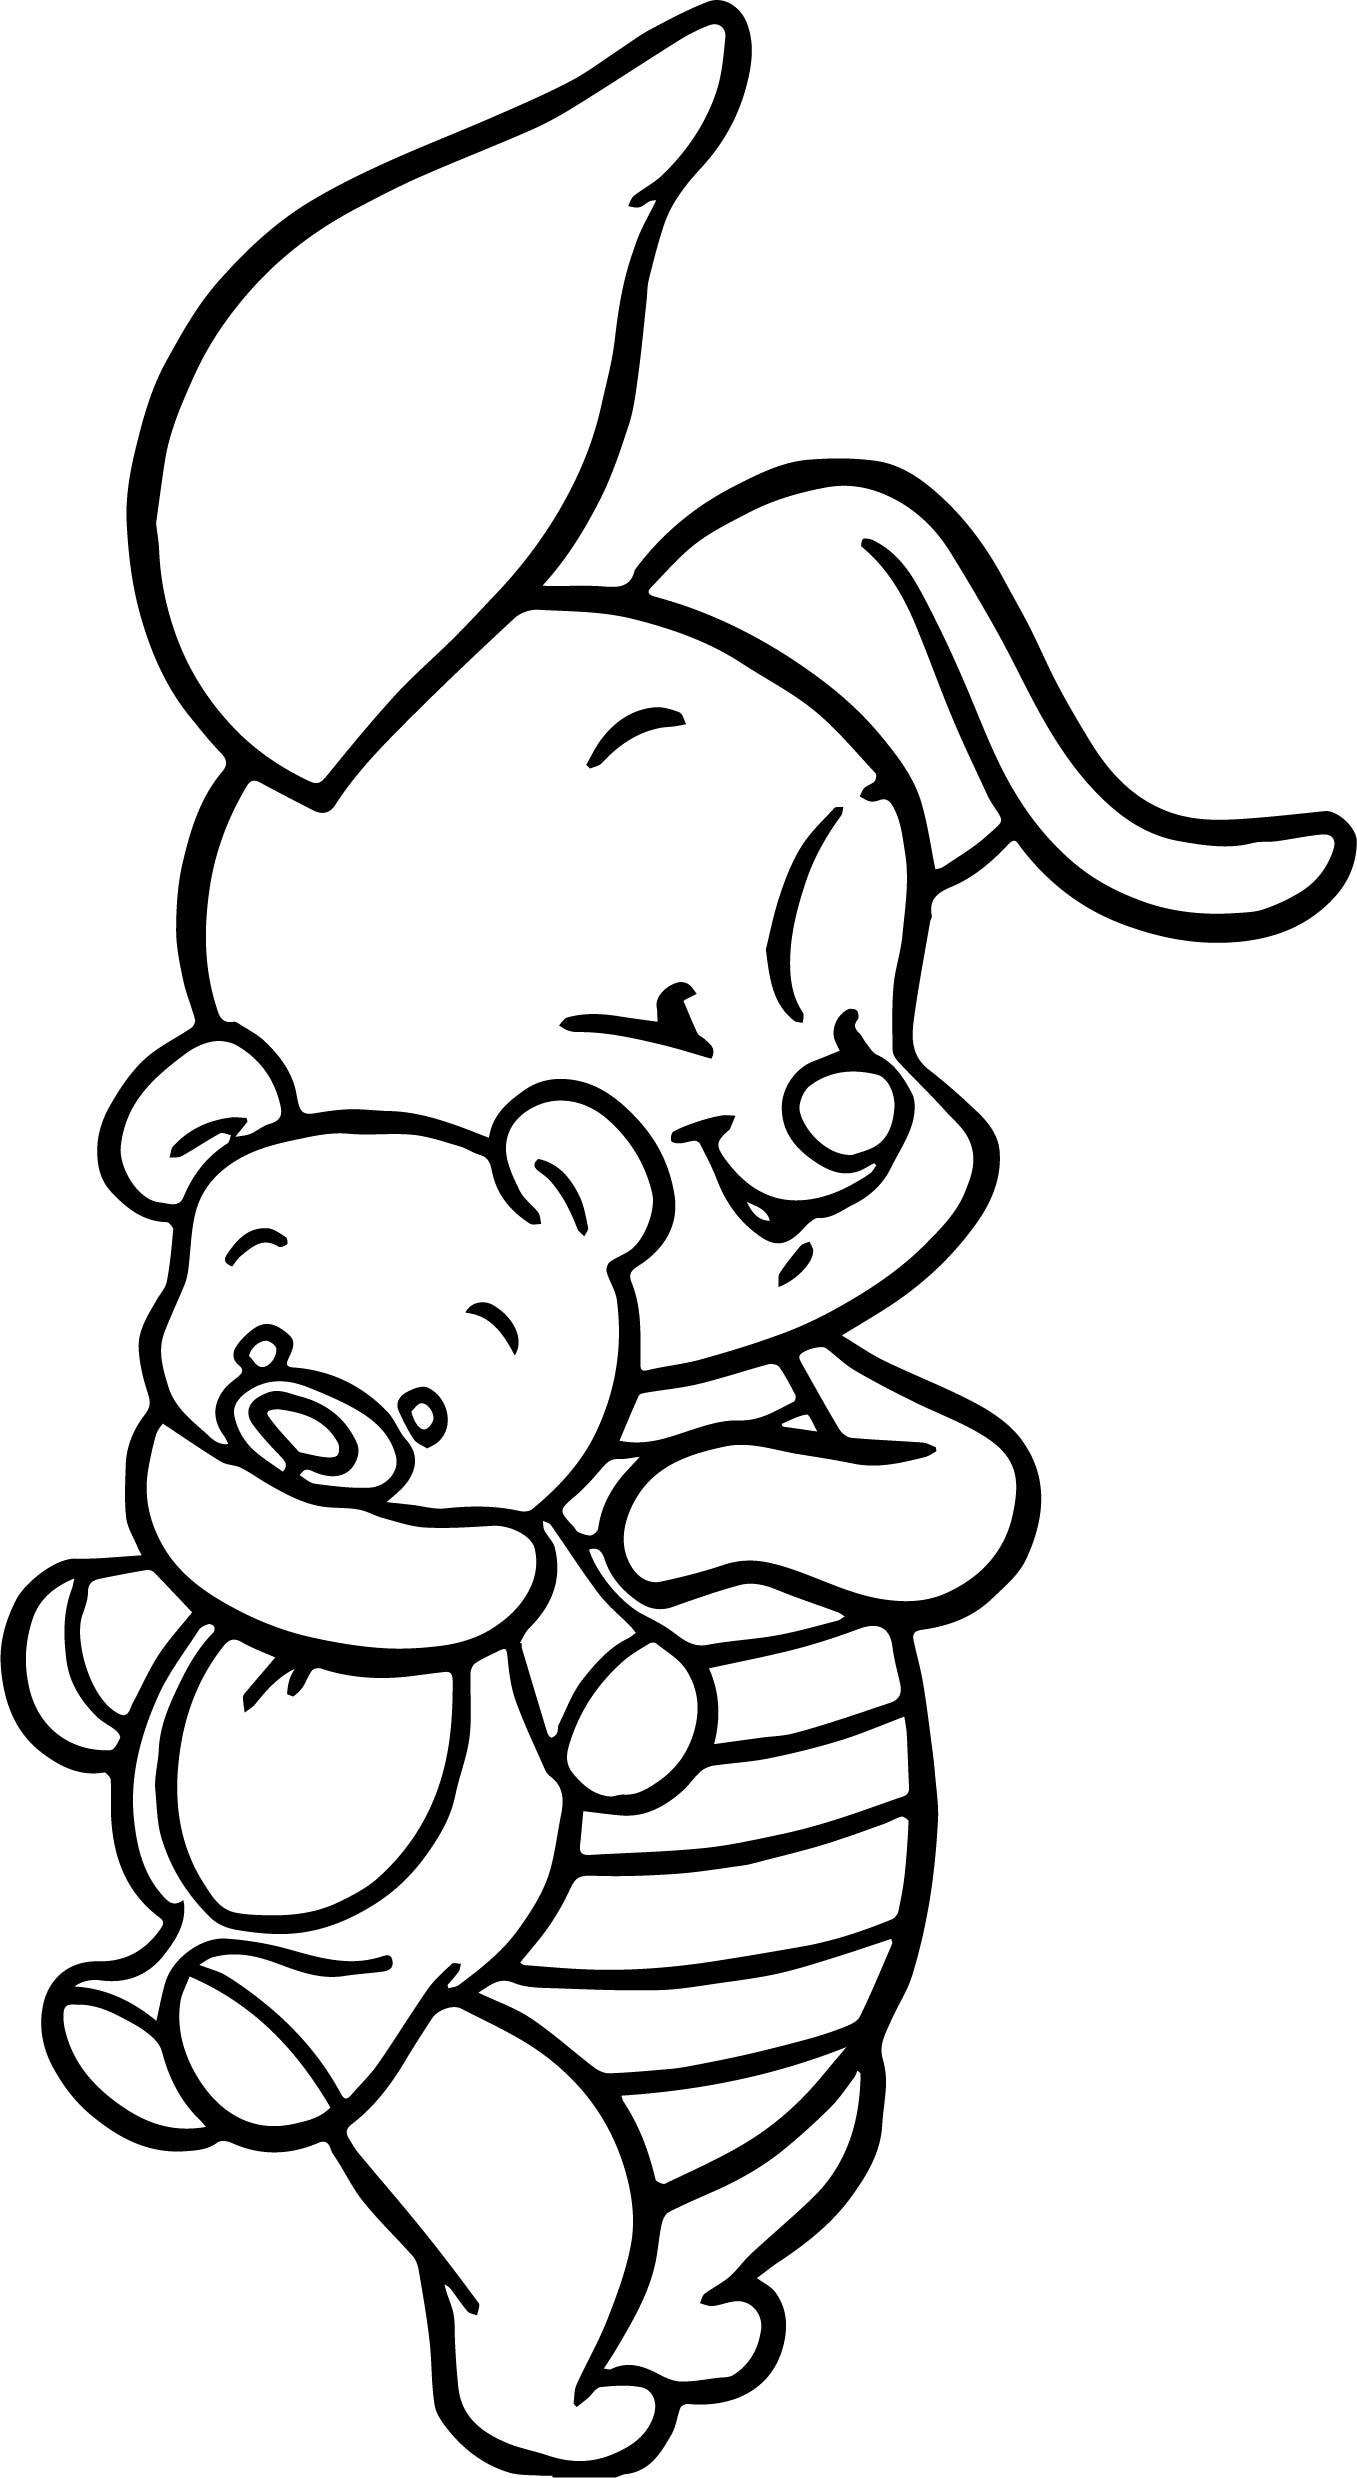 ausmalbilder disney winnie pooh baby  malvorlagen